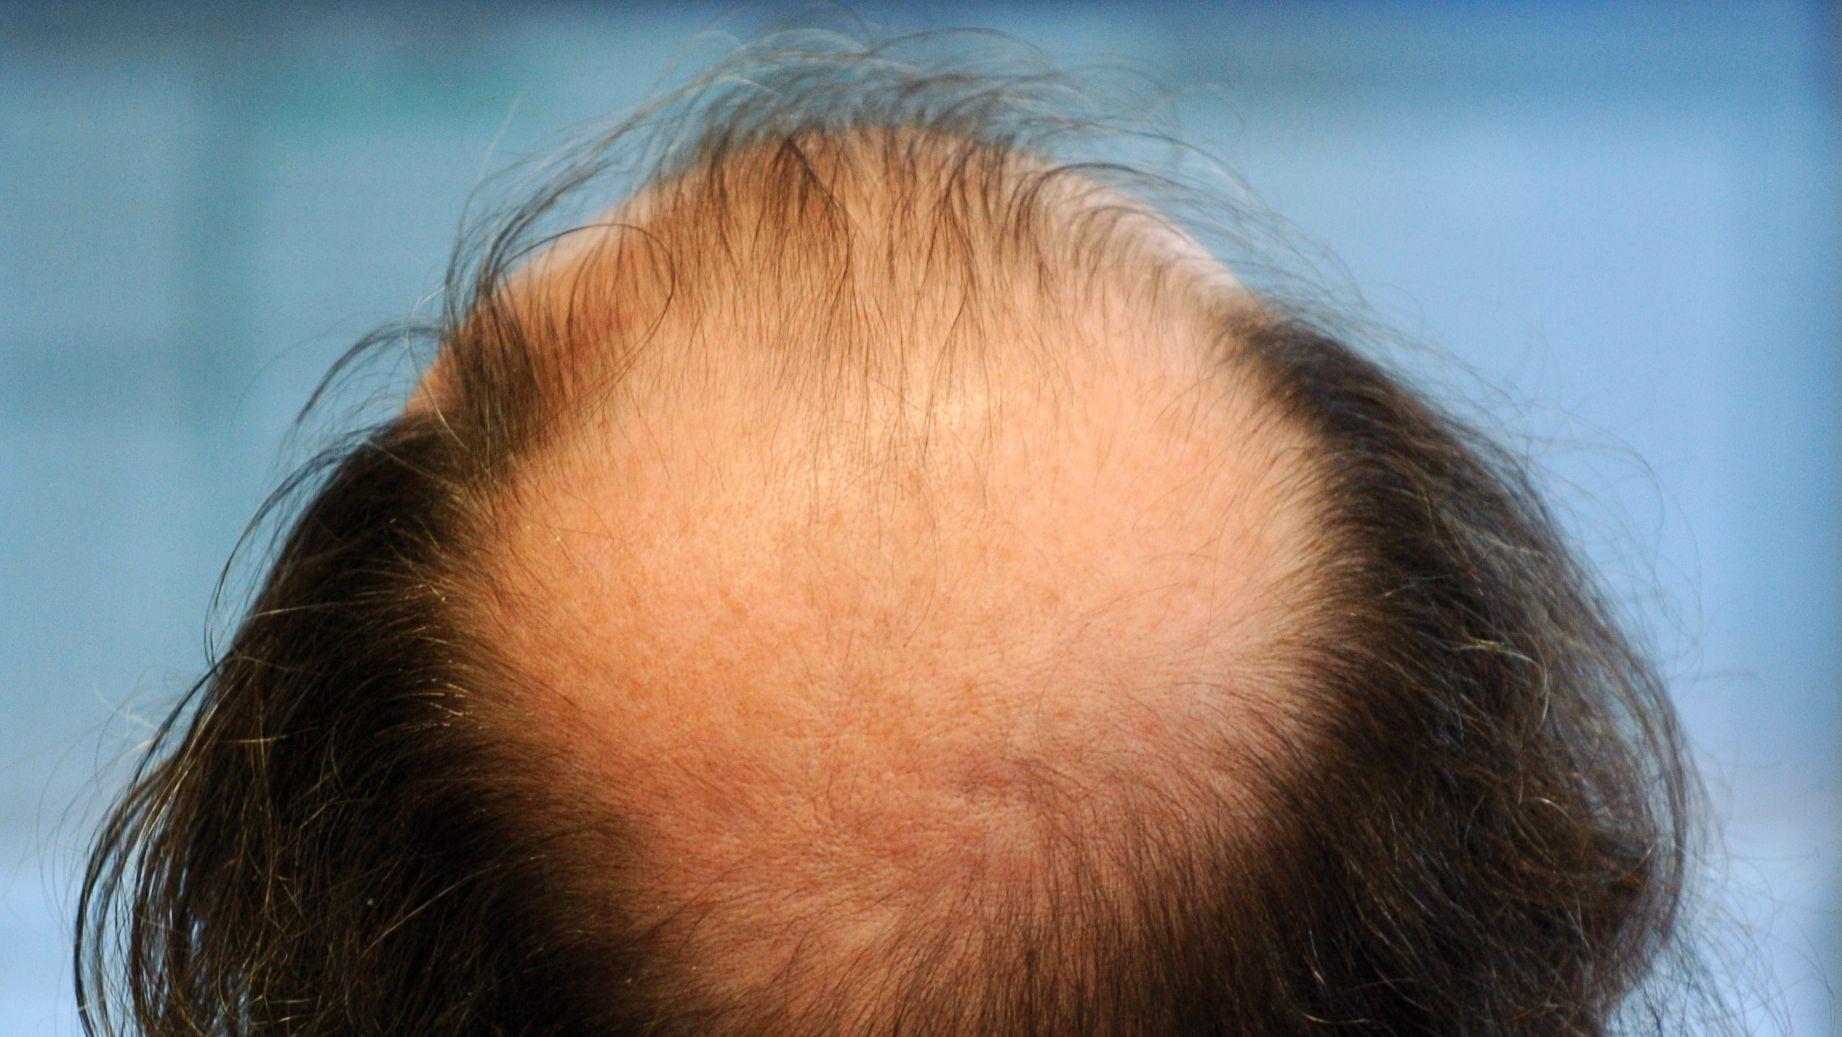 Haarausfall macht vielen Männern zu schaffen. Sie greifen deshalb auch zu harten Mitteln.